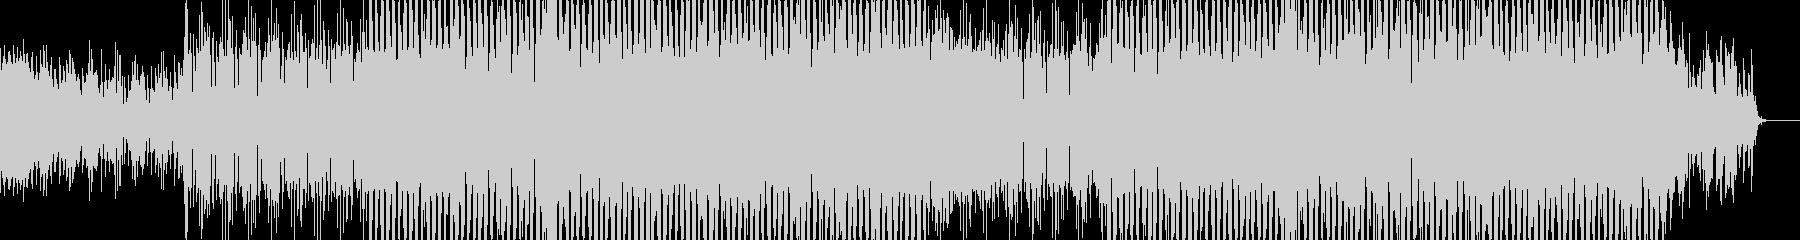 EDMクラブ系ダンスミュージック-101の未再生の波形